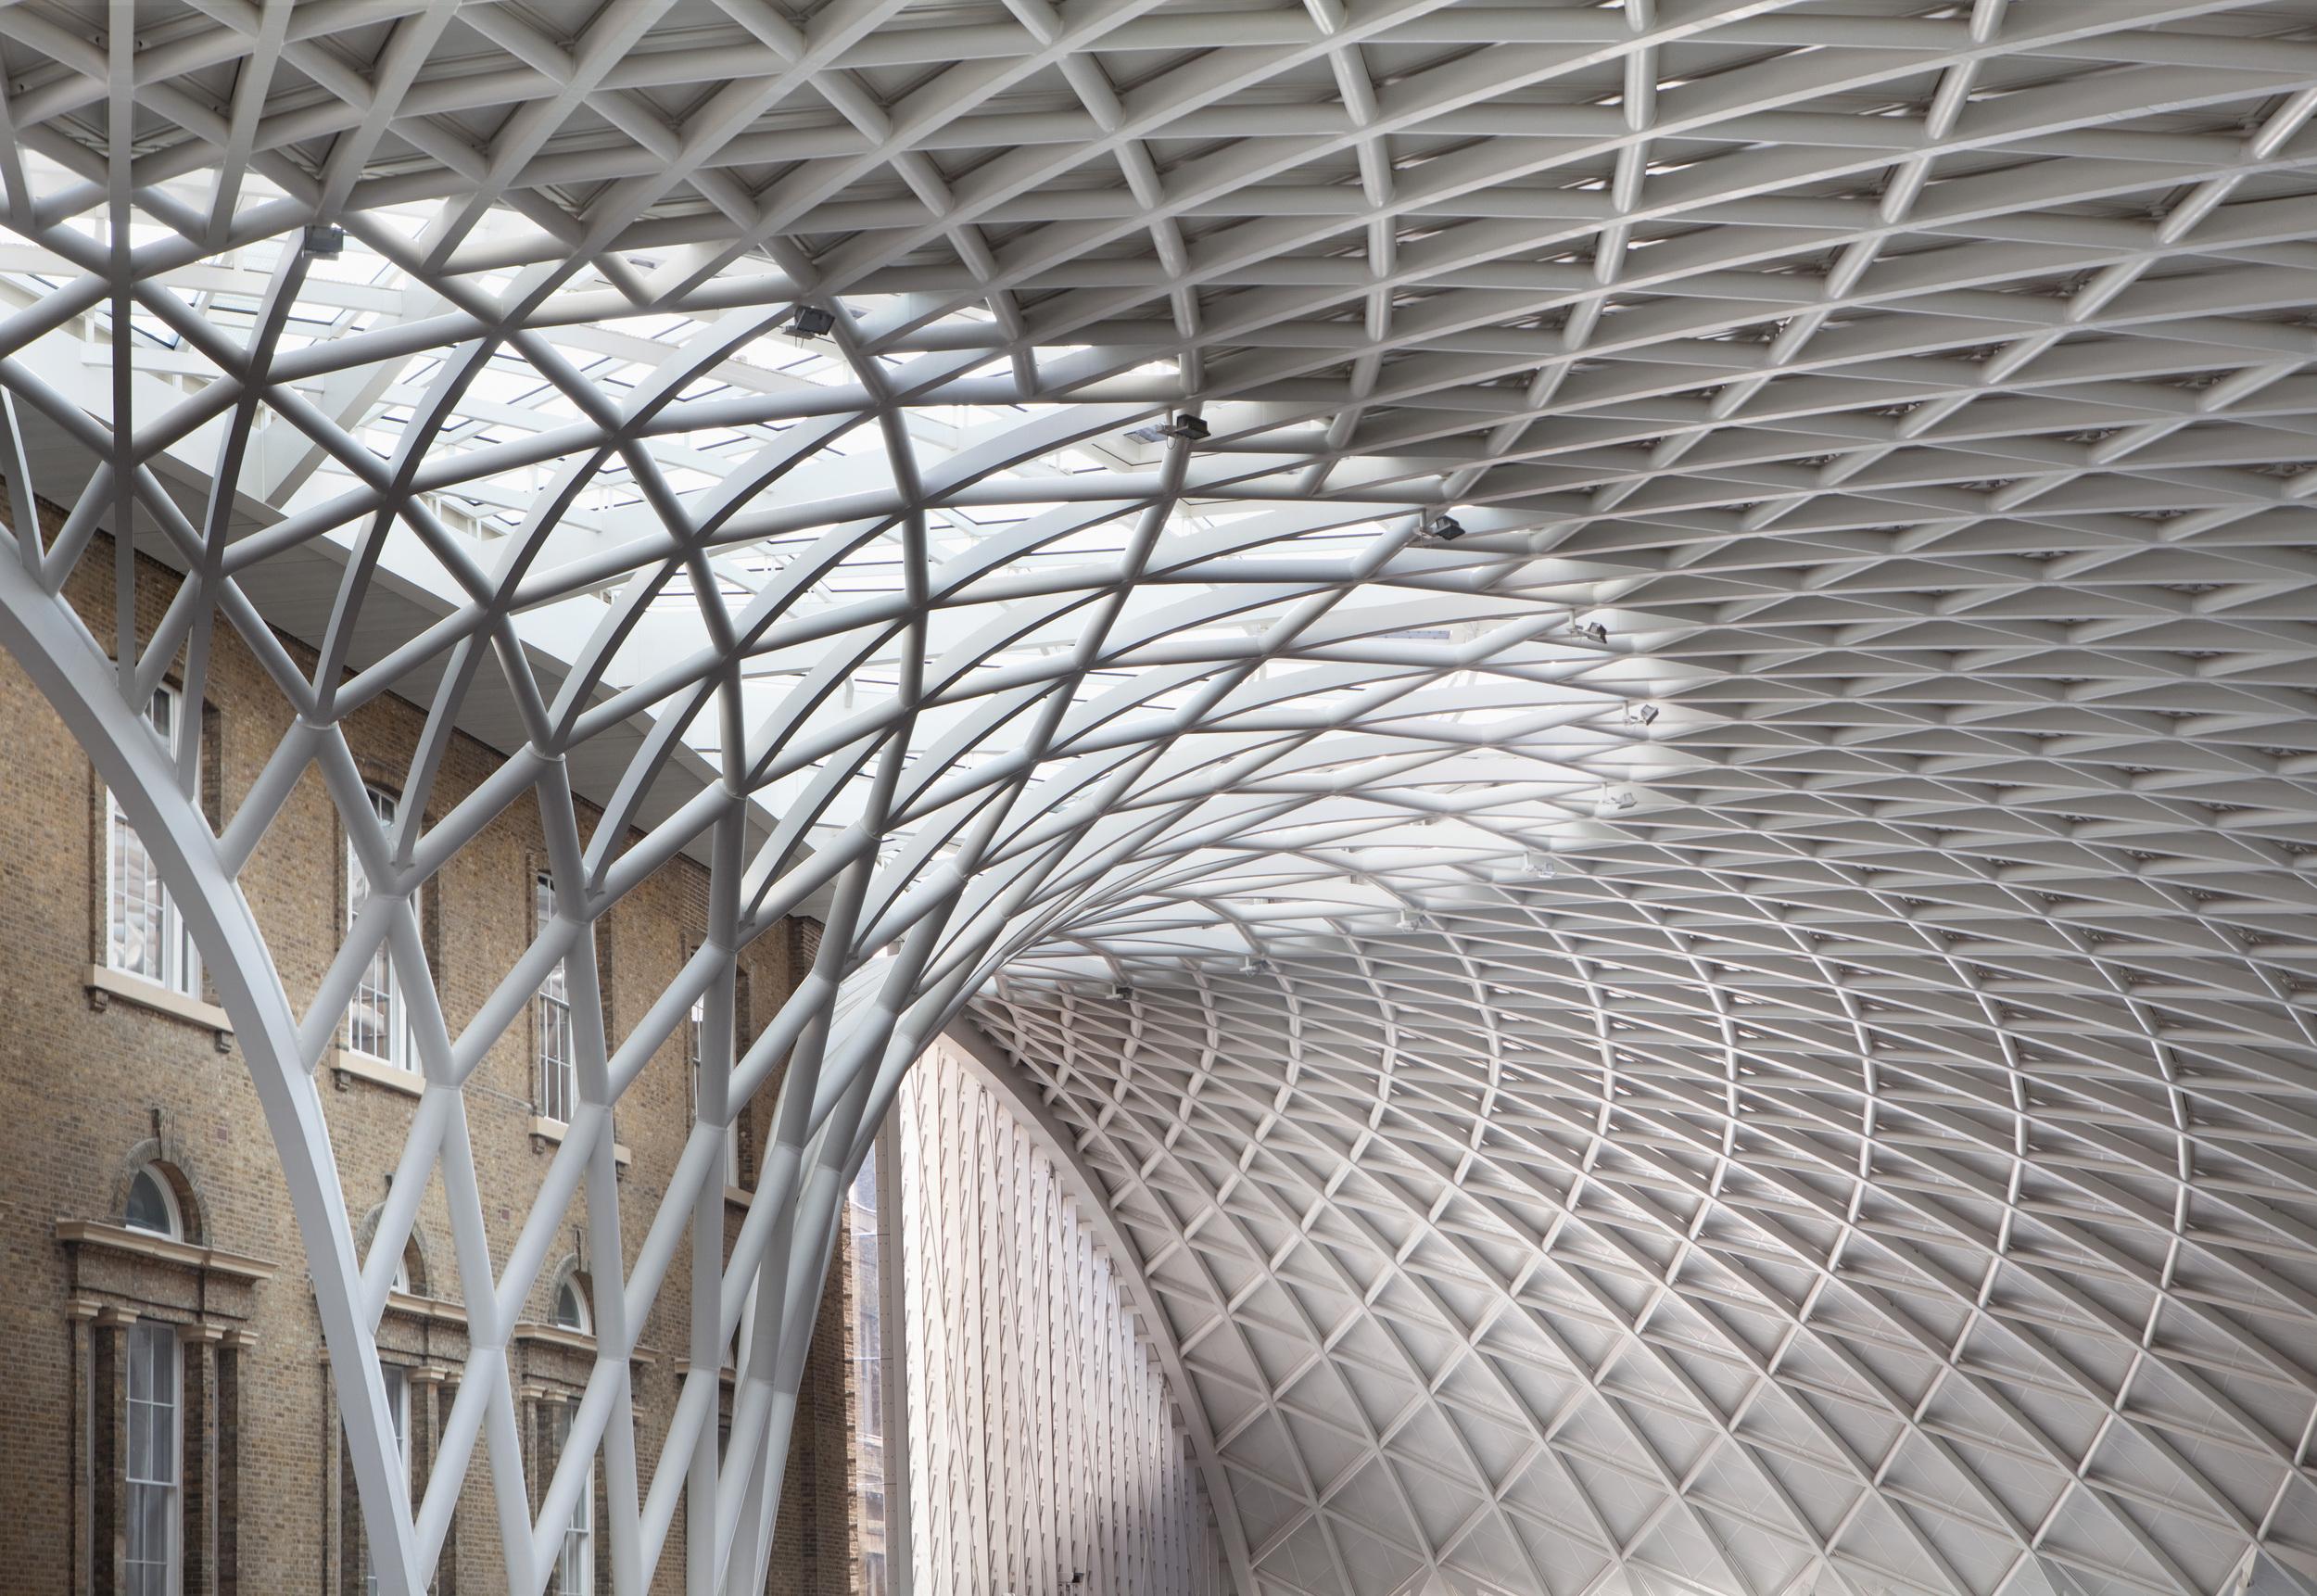 King's Cross Station, Network Rail